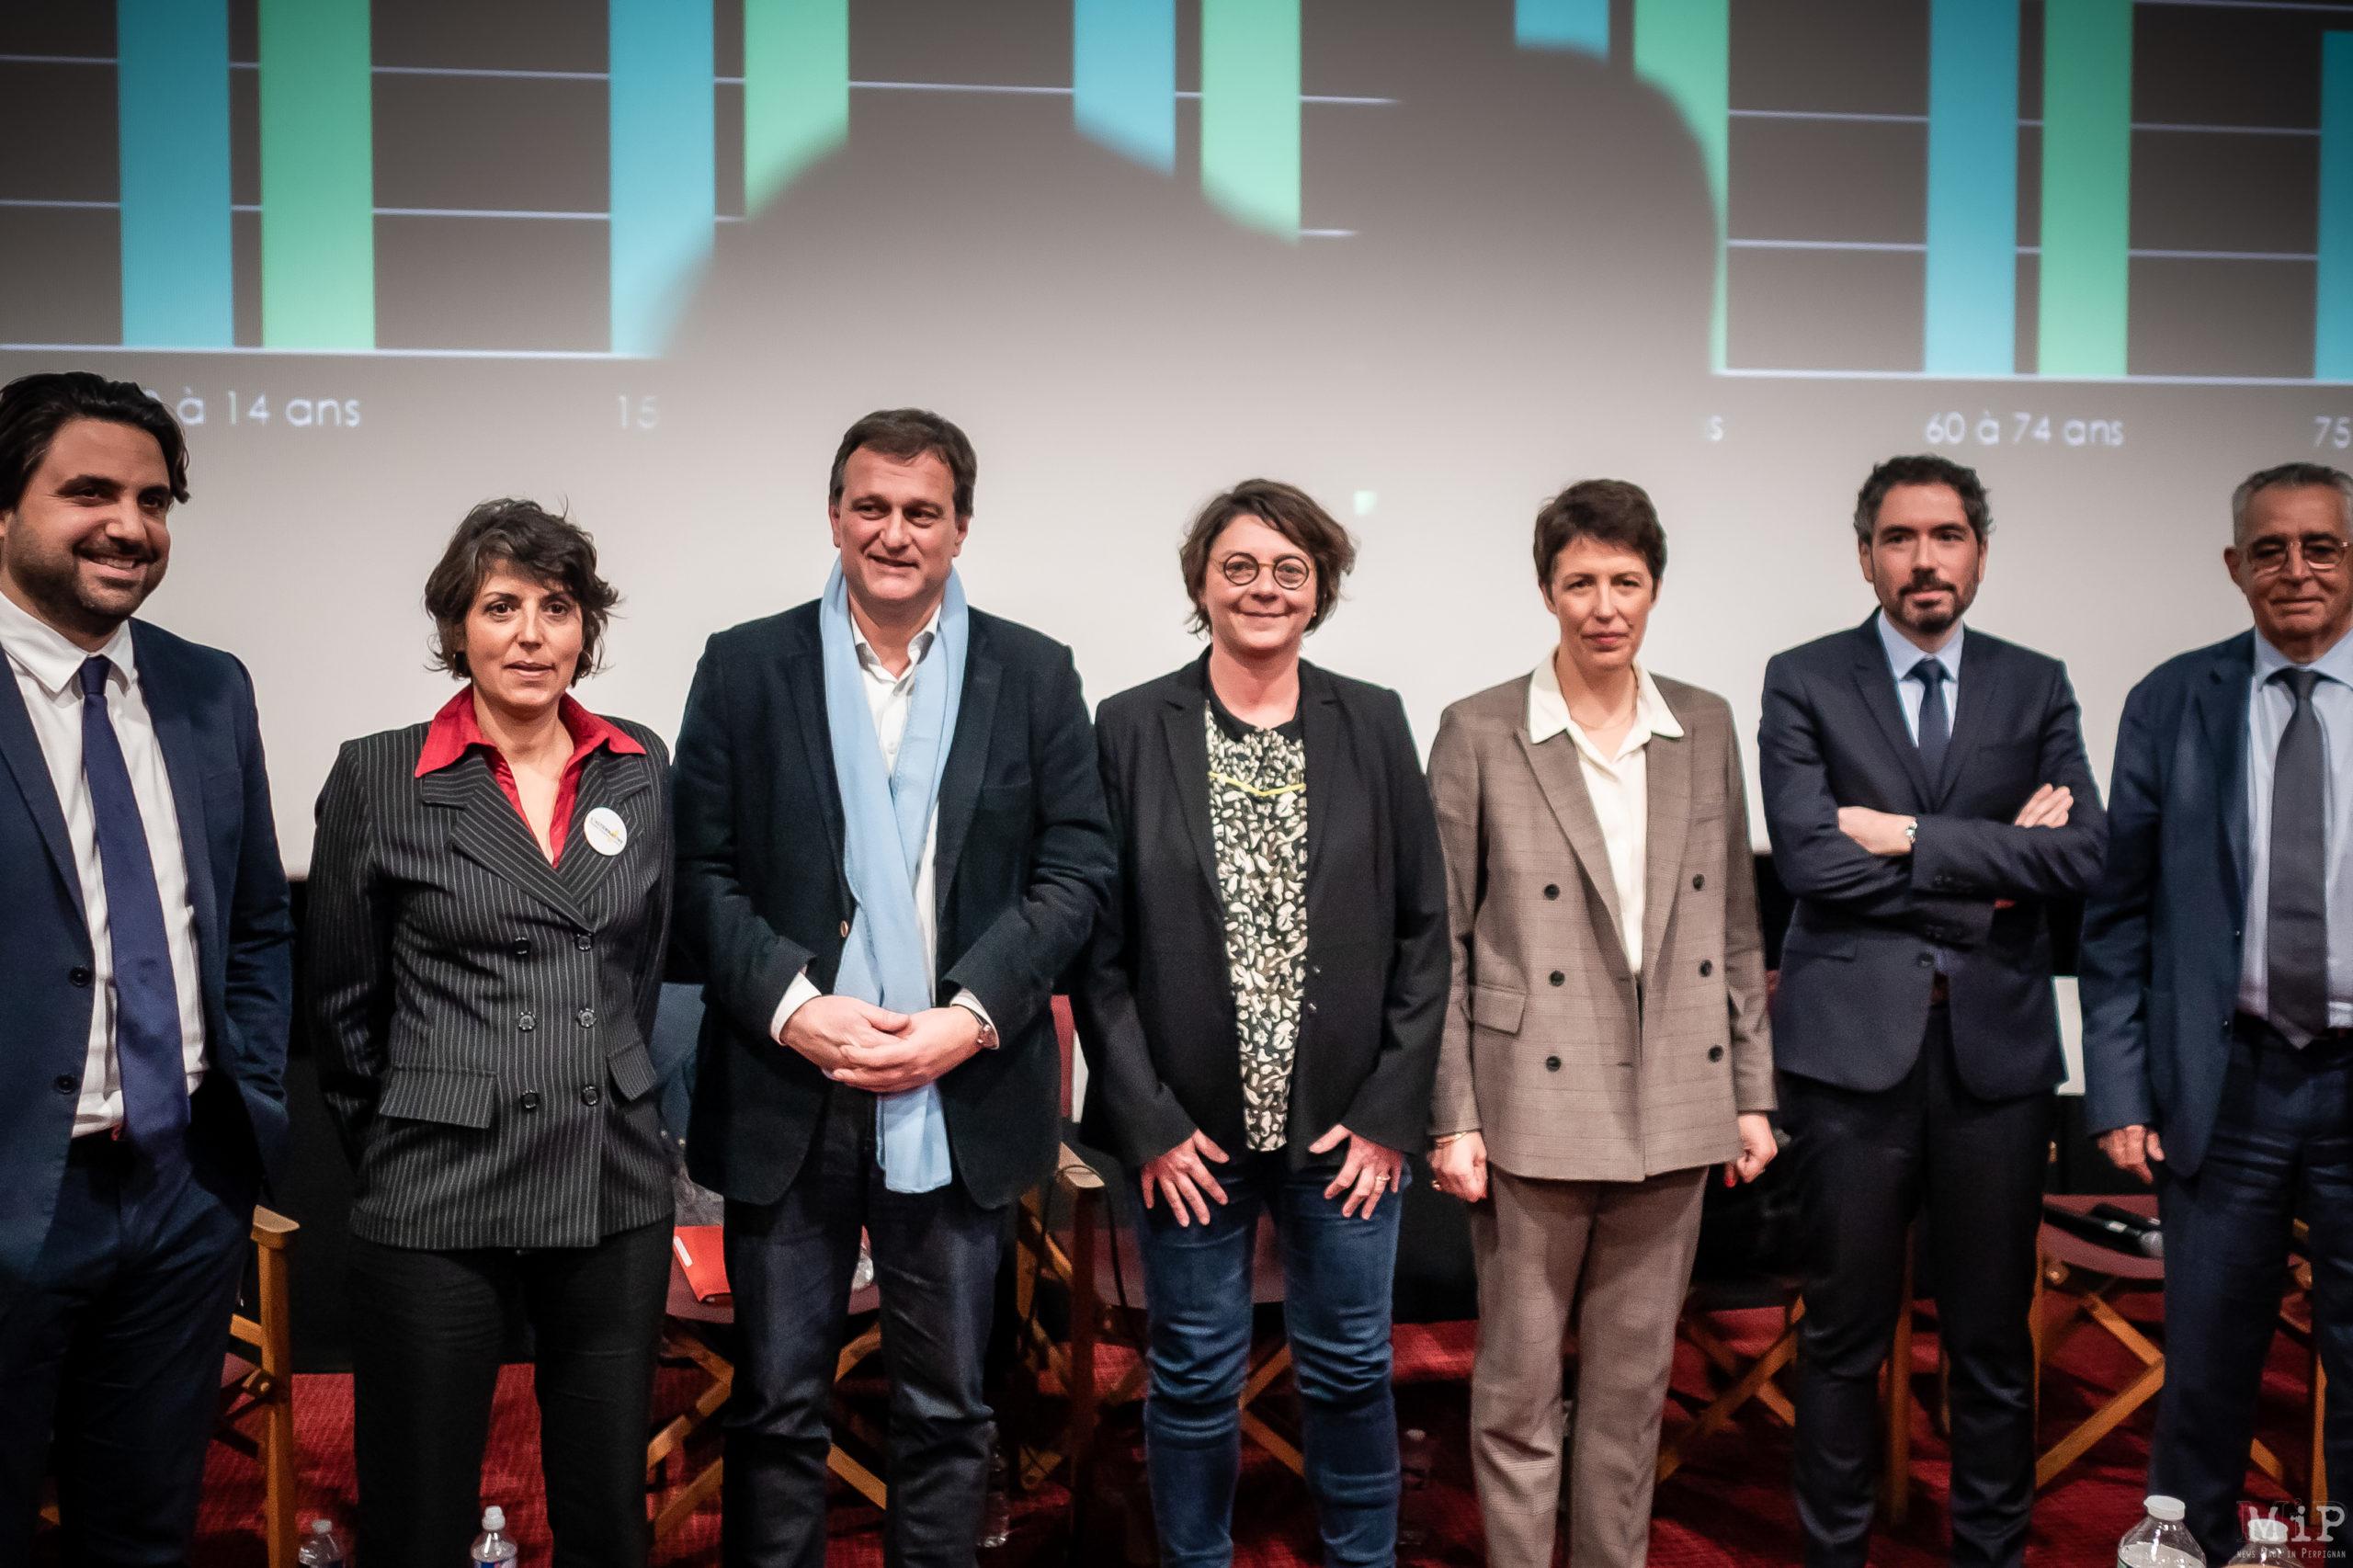 municipales 2020 Débat Castillet Agissons candidats premier tour